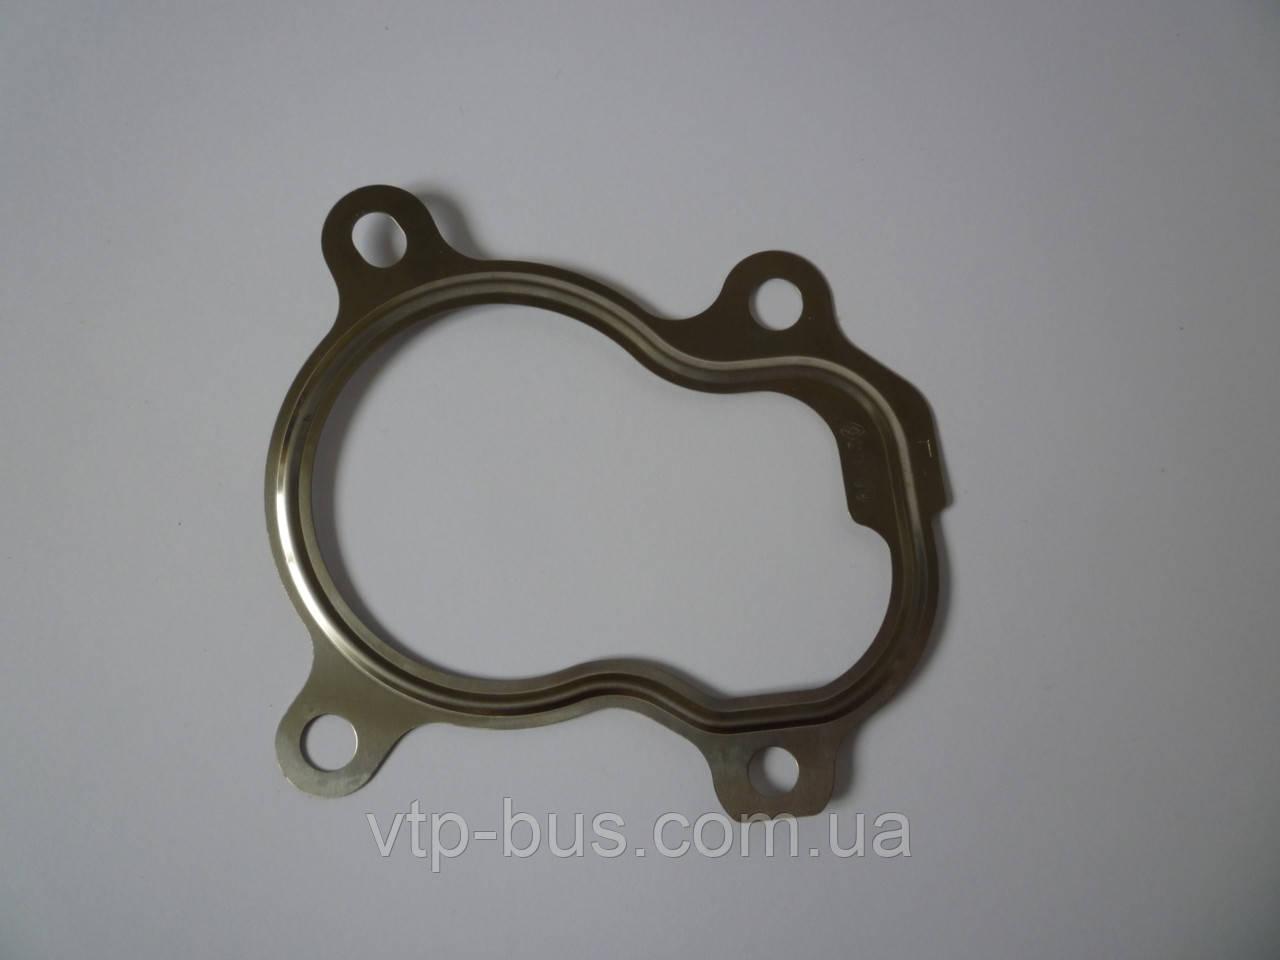 Прокладка турбина-катализатор на Renault Trafic / Opel Vivaro 1.9dCi с 2001... Renault (оригинал), 8200200999